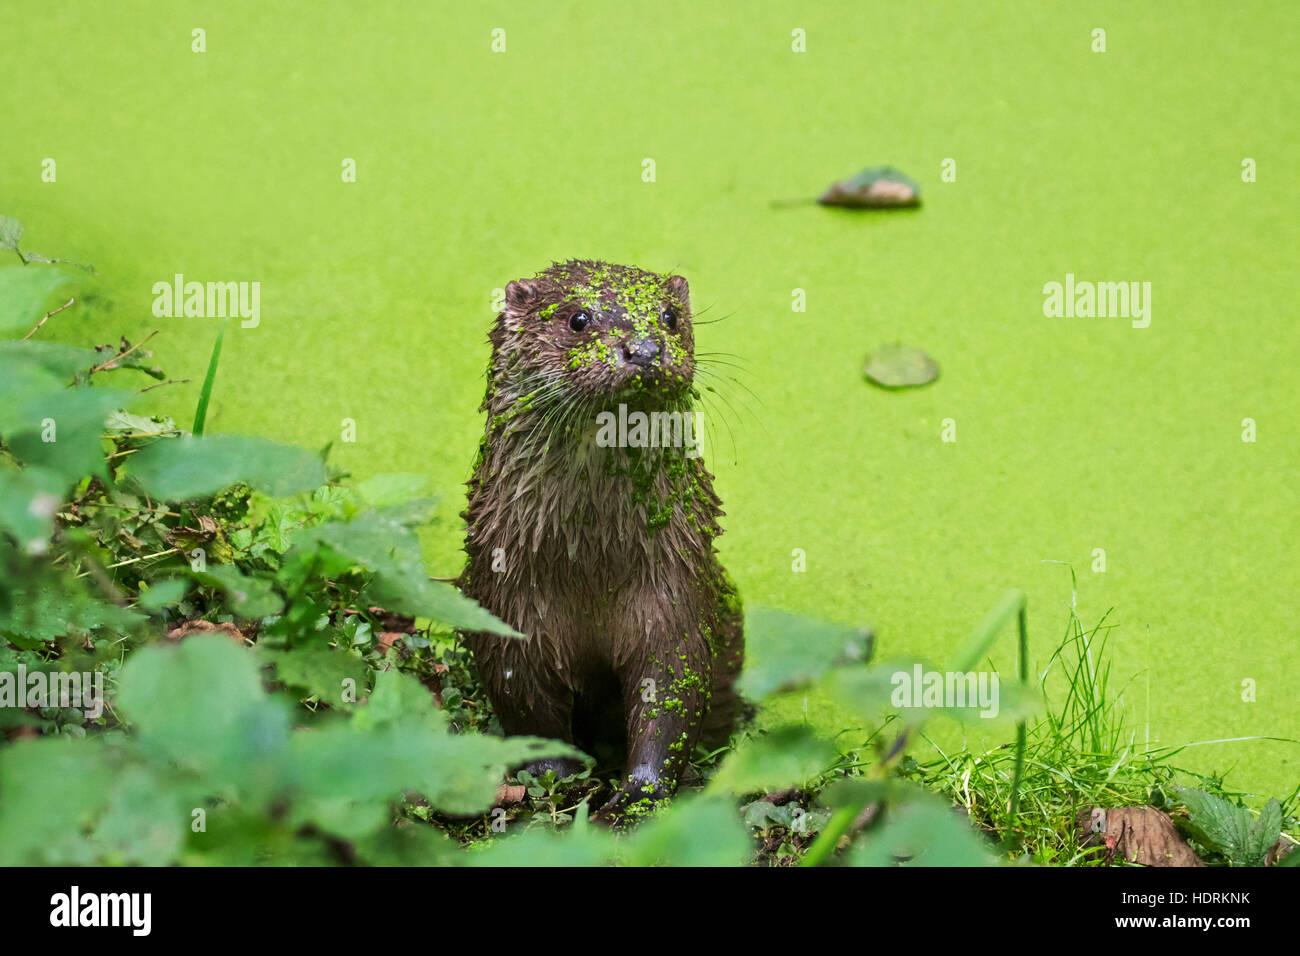 Rivière européenne loutre (Lutra lutra) dans l'étang couvert de lentilles d'eau Photo Stock